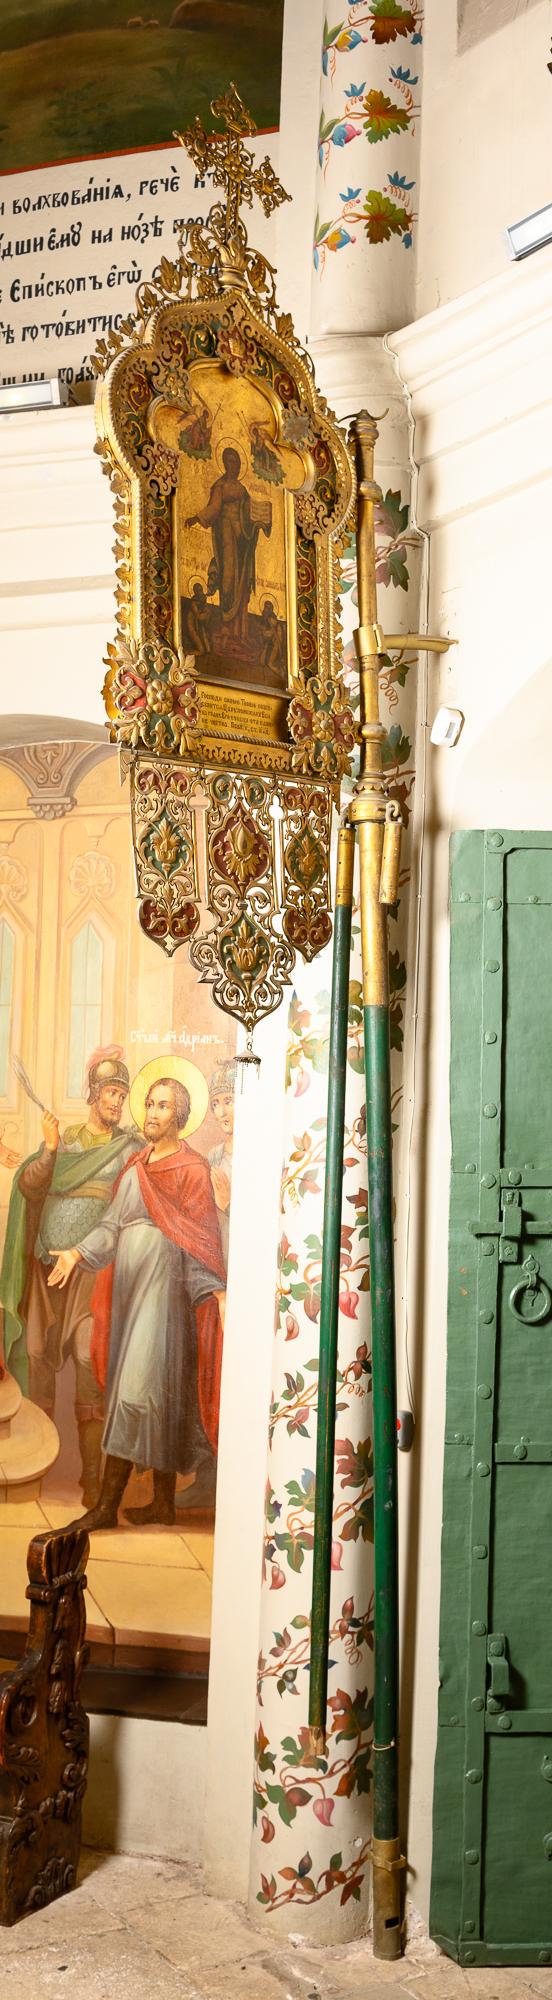 Двусторонняя хоругвь. Конец XIX в. Церковь св. Киприана и Иустины. Медный сплав, эмаль, масло